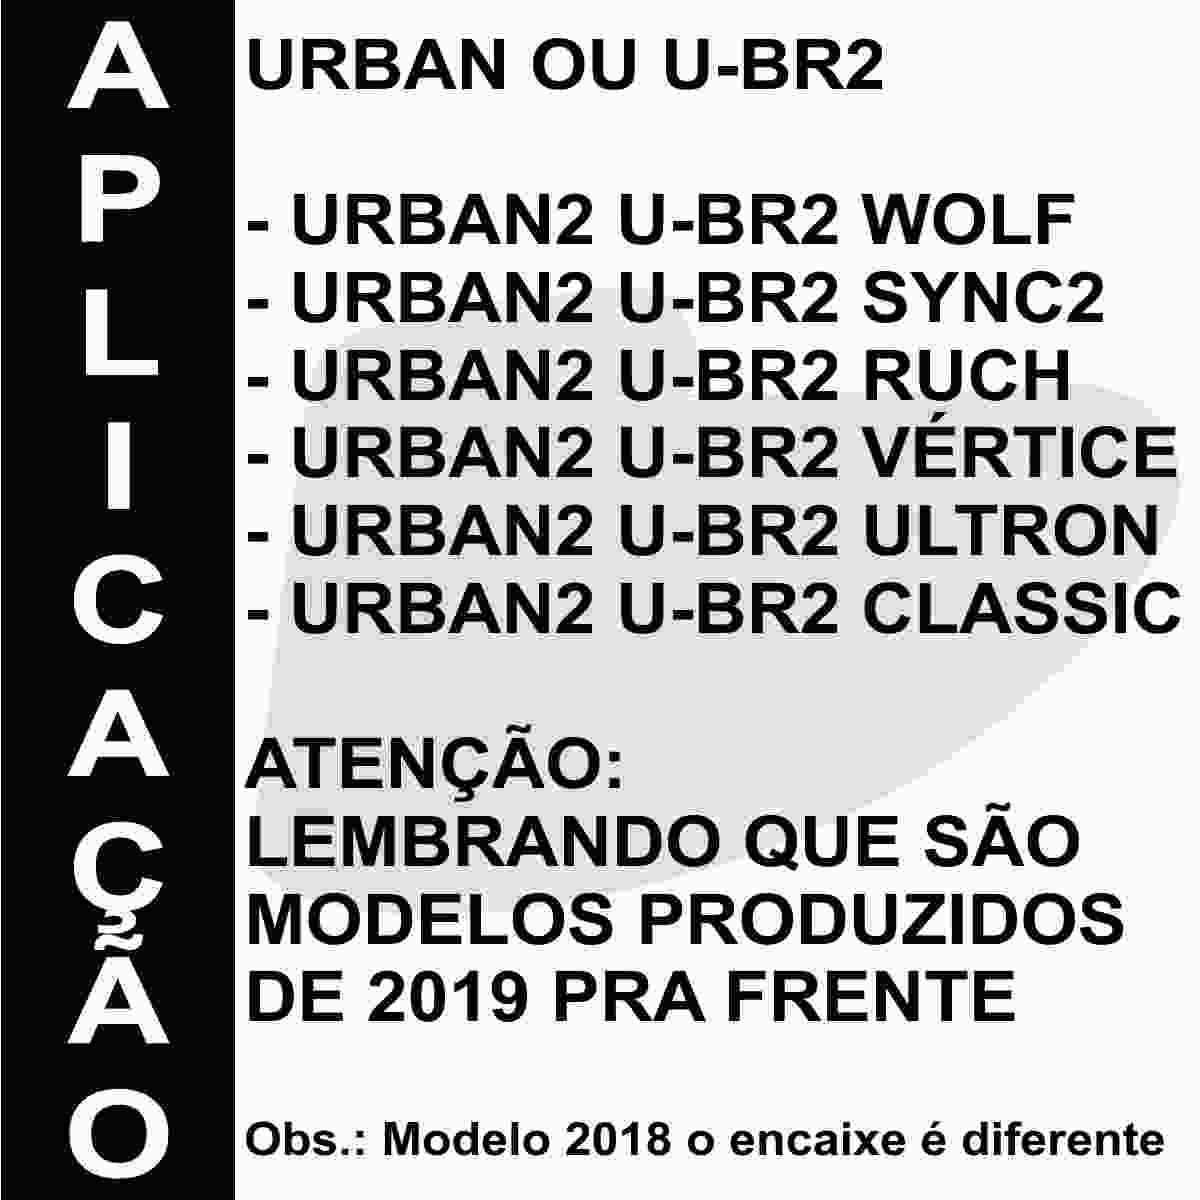 KIT VISEIRA MULTICOR CAPACETE PEELS URBAN U-RB2 19 ANTIRRISCO EM POLICARBONATO + BAIONETA DE FIXAÇÃO